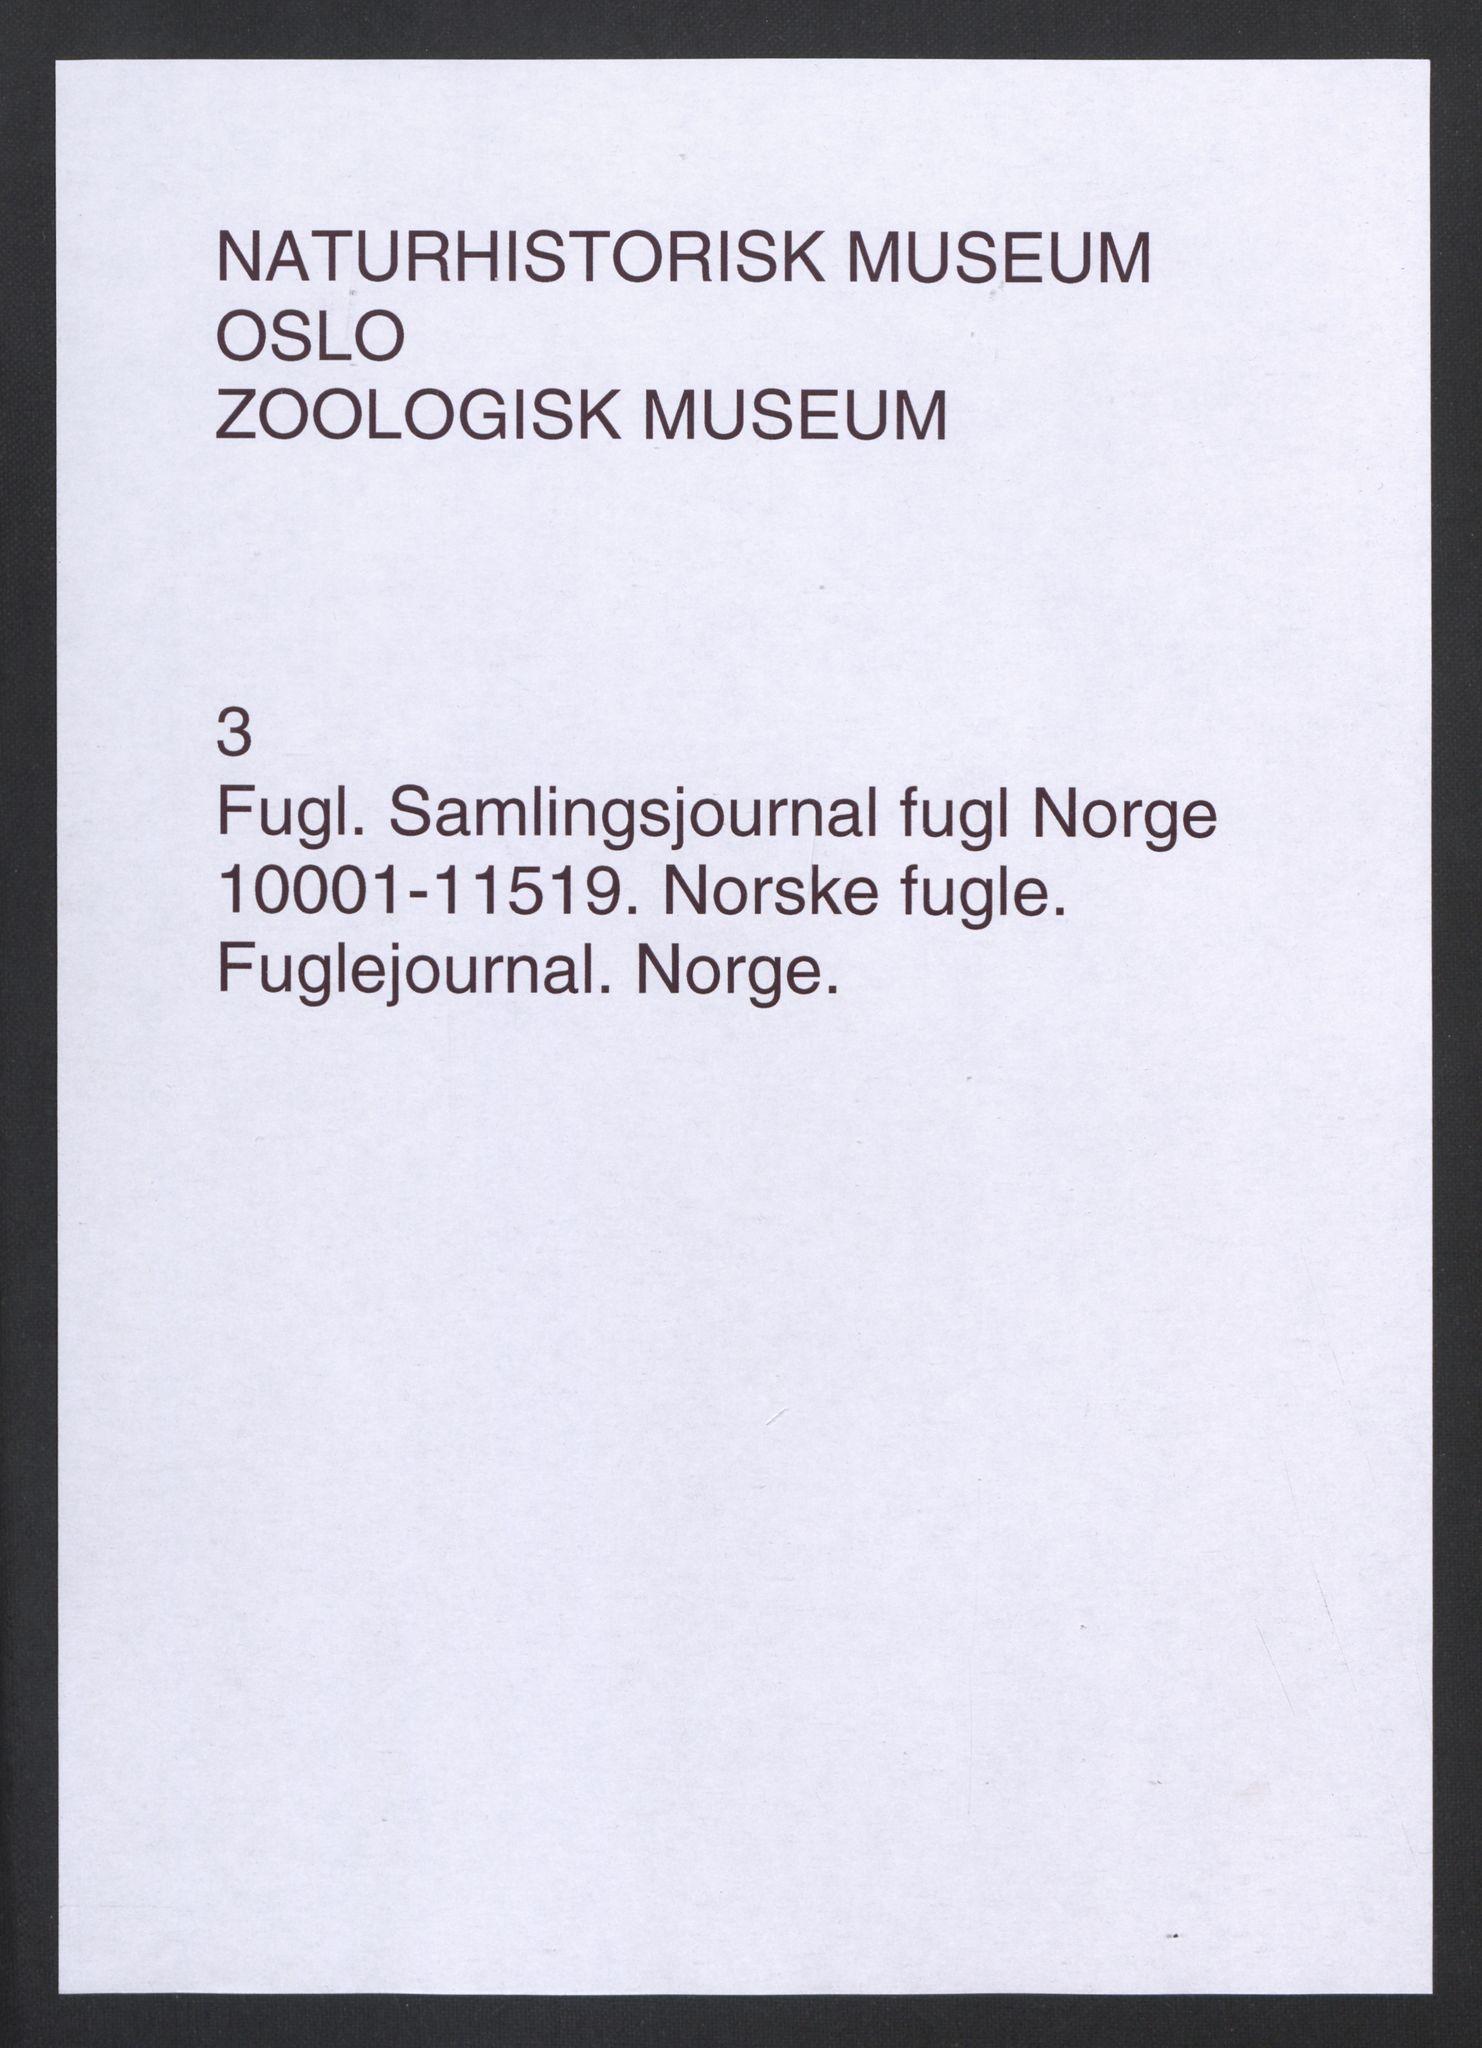 NHMO, Naturhistorisk museum (Oslo), 2: Fugl. Samlingsjournal. Fuglesamlingen, Skinnsamling Norge (L), nr. 10001-11519.